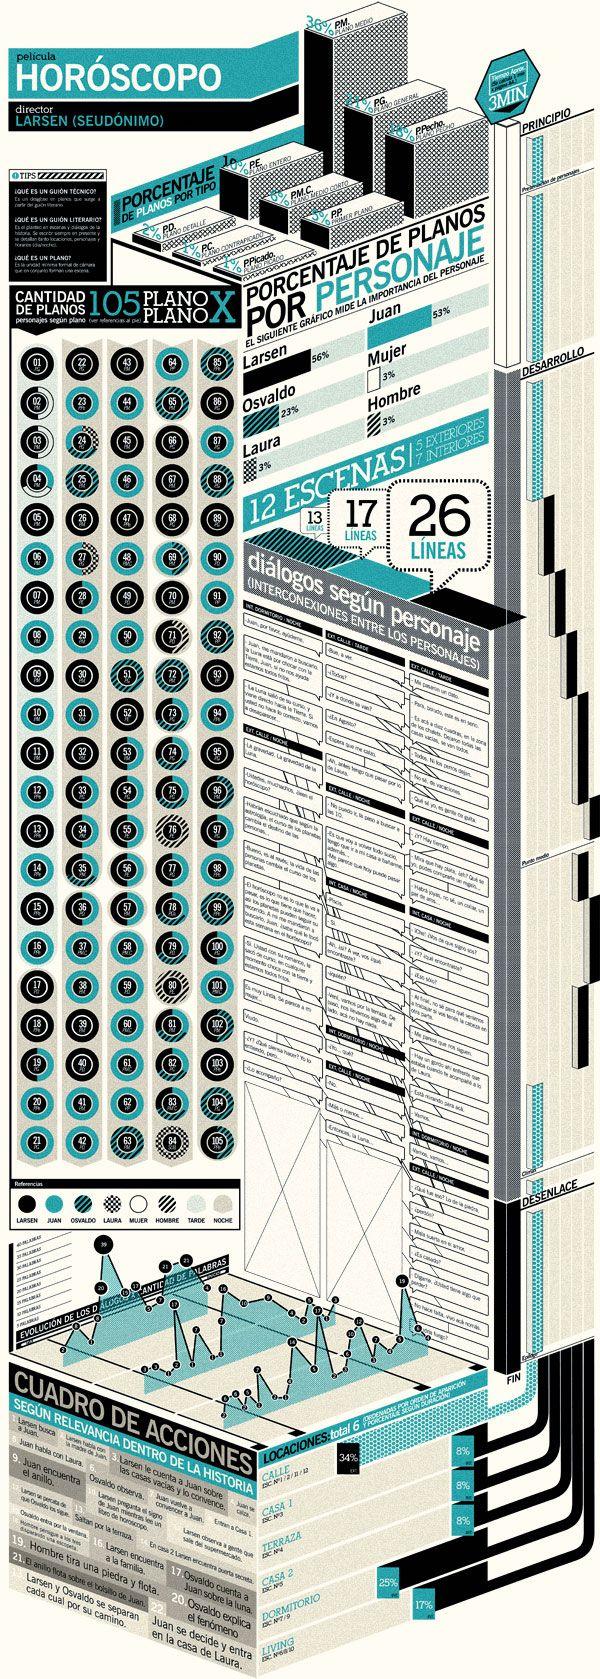 Horoscopo Infographic from Emiliano Lionel Suarez día a día, pero no solo es…